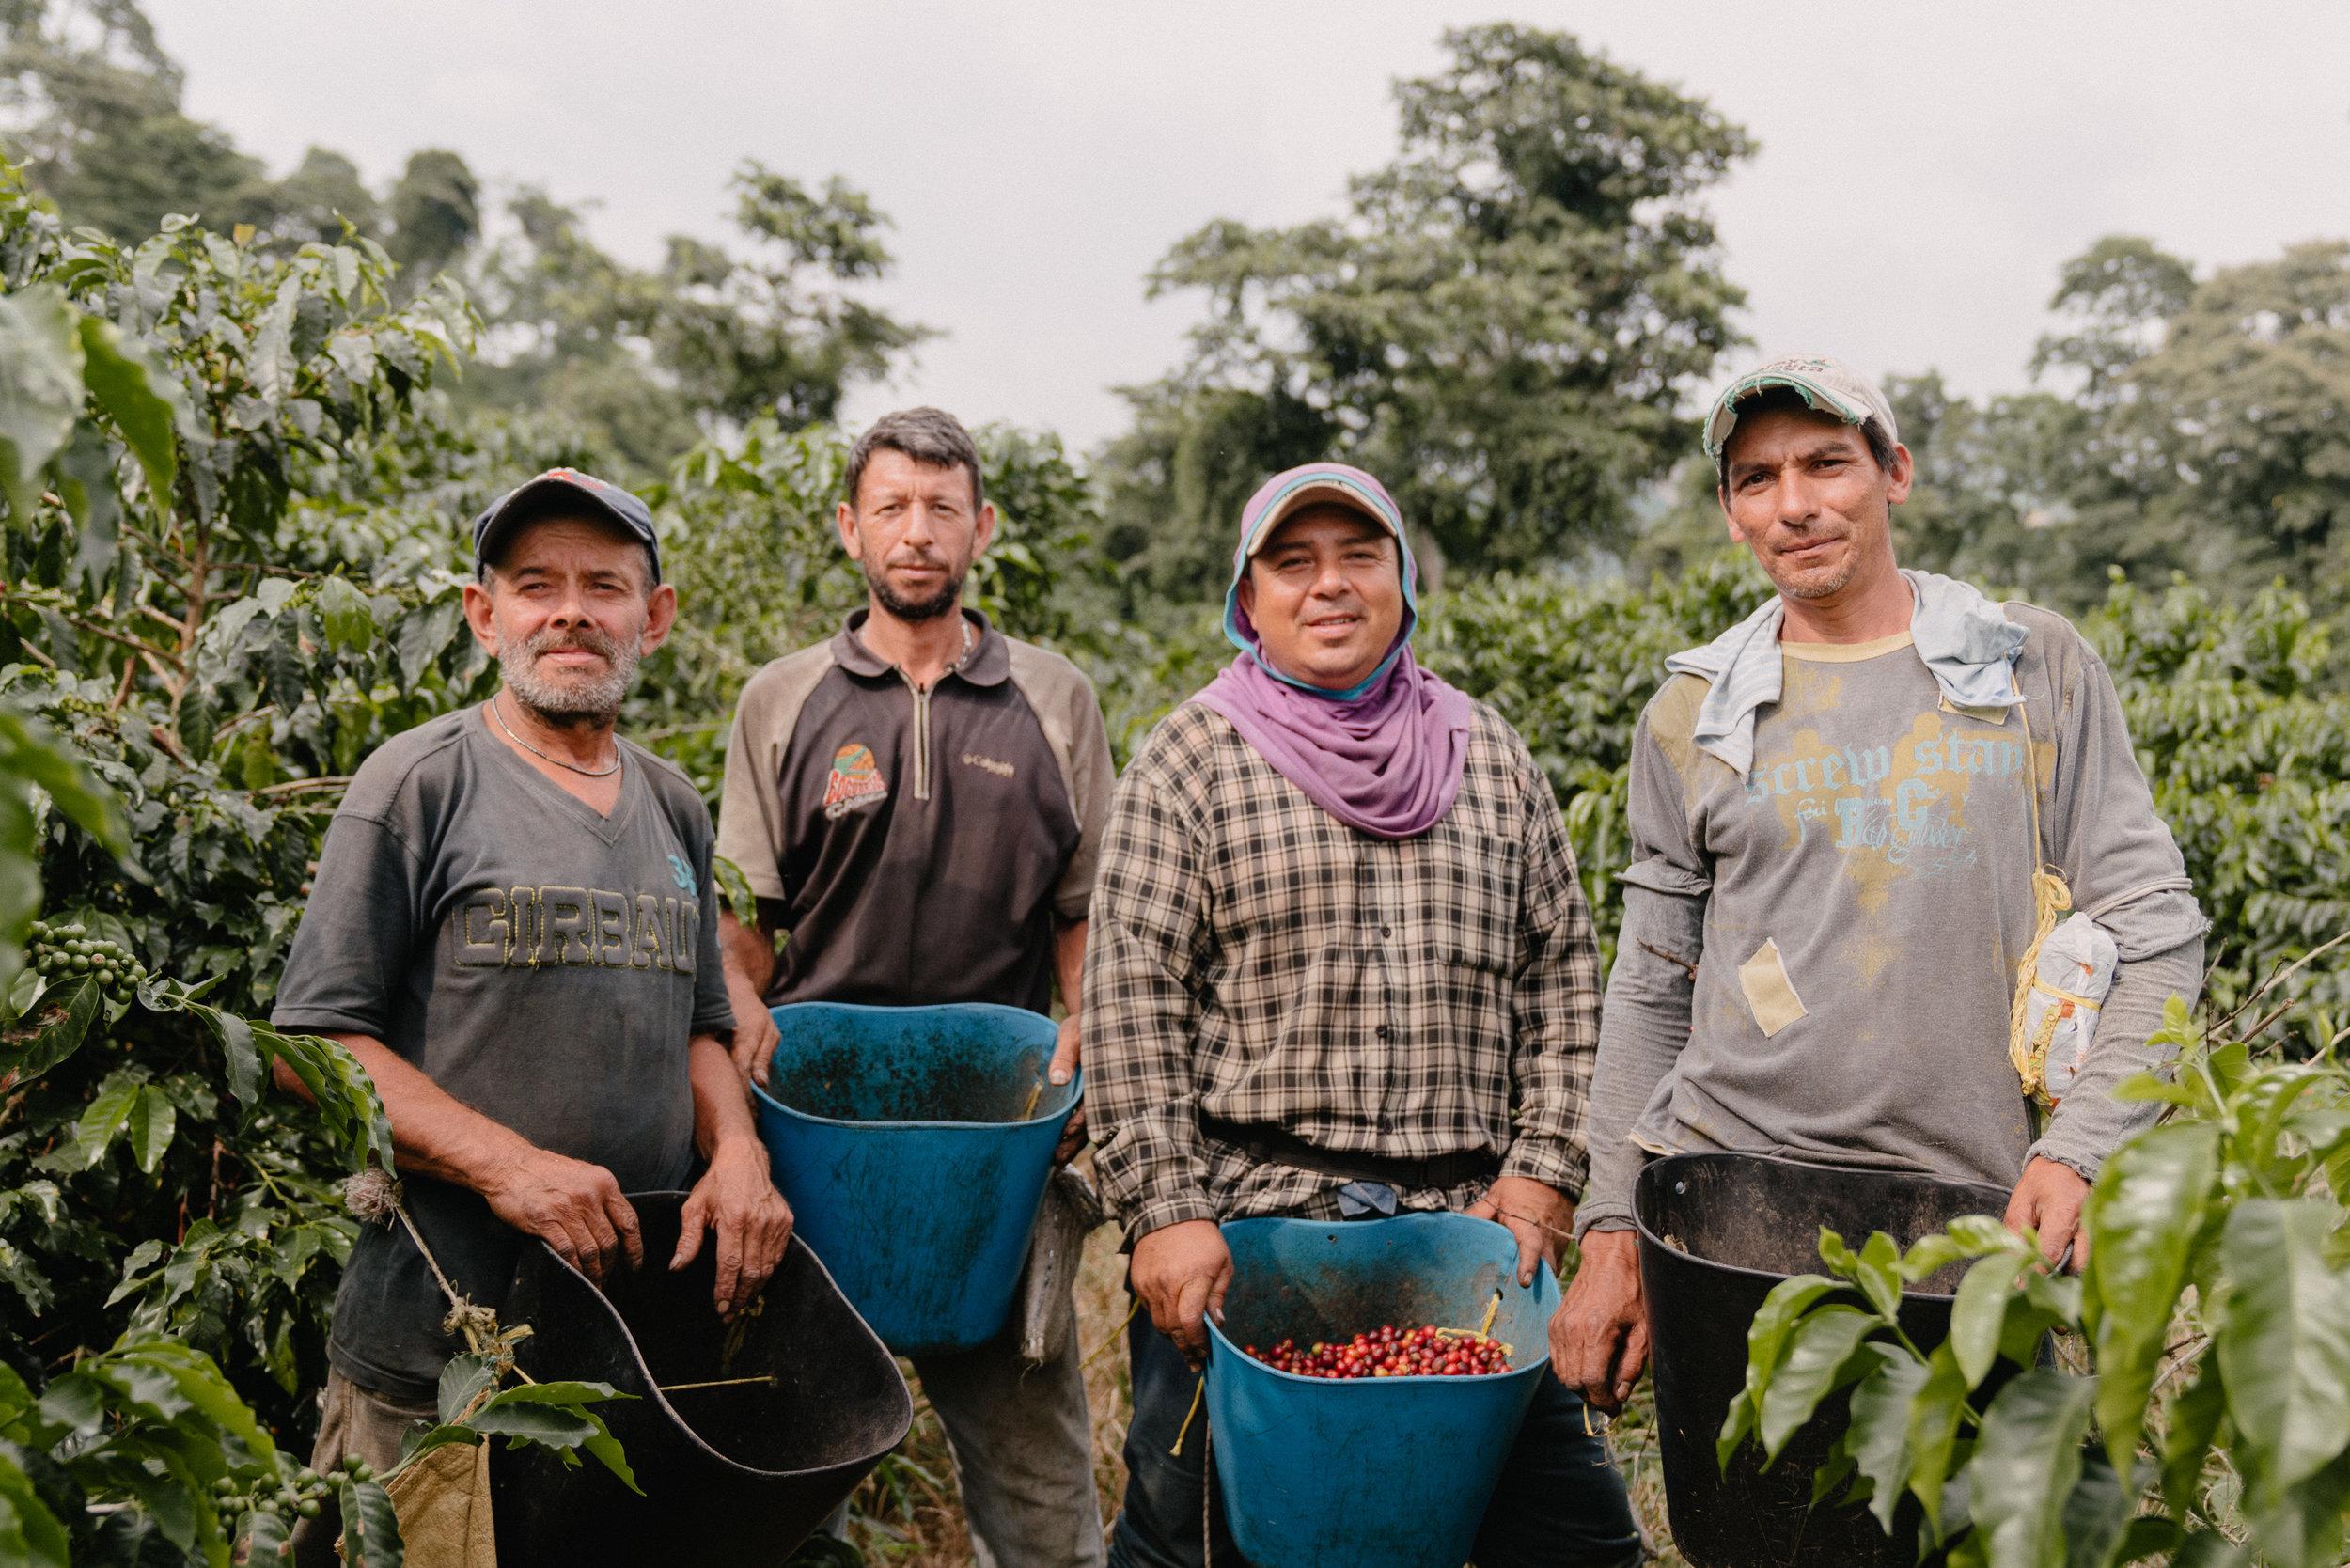 Emanuel-Hahn-Colombia-Coffee-Farmers-Huila-Manizales-Pagpropina-30.jpg